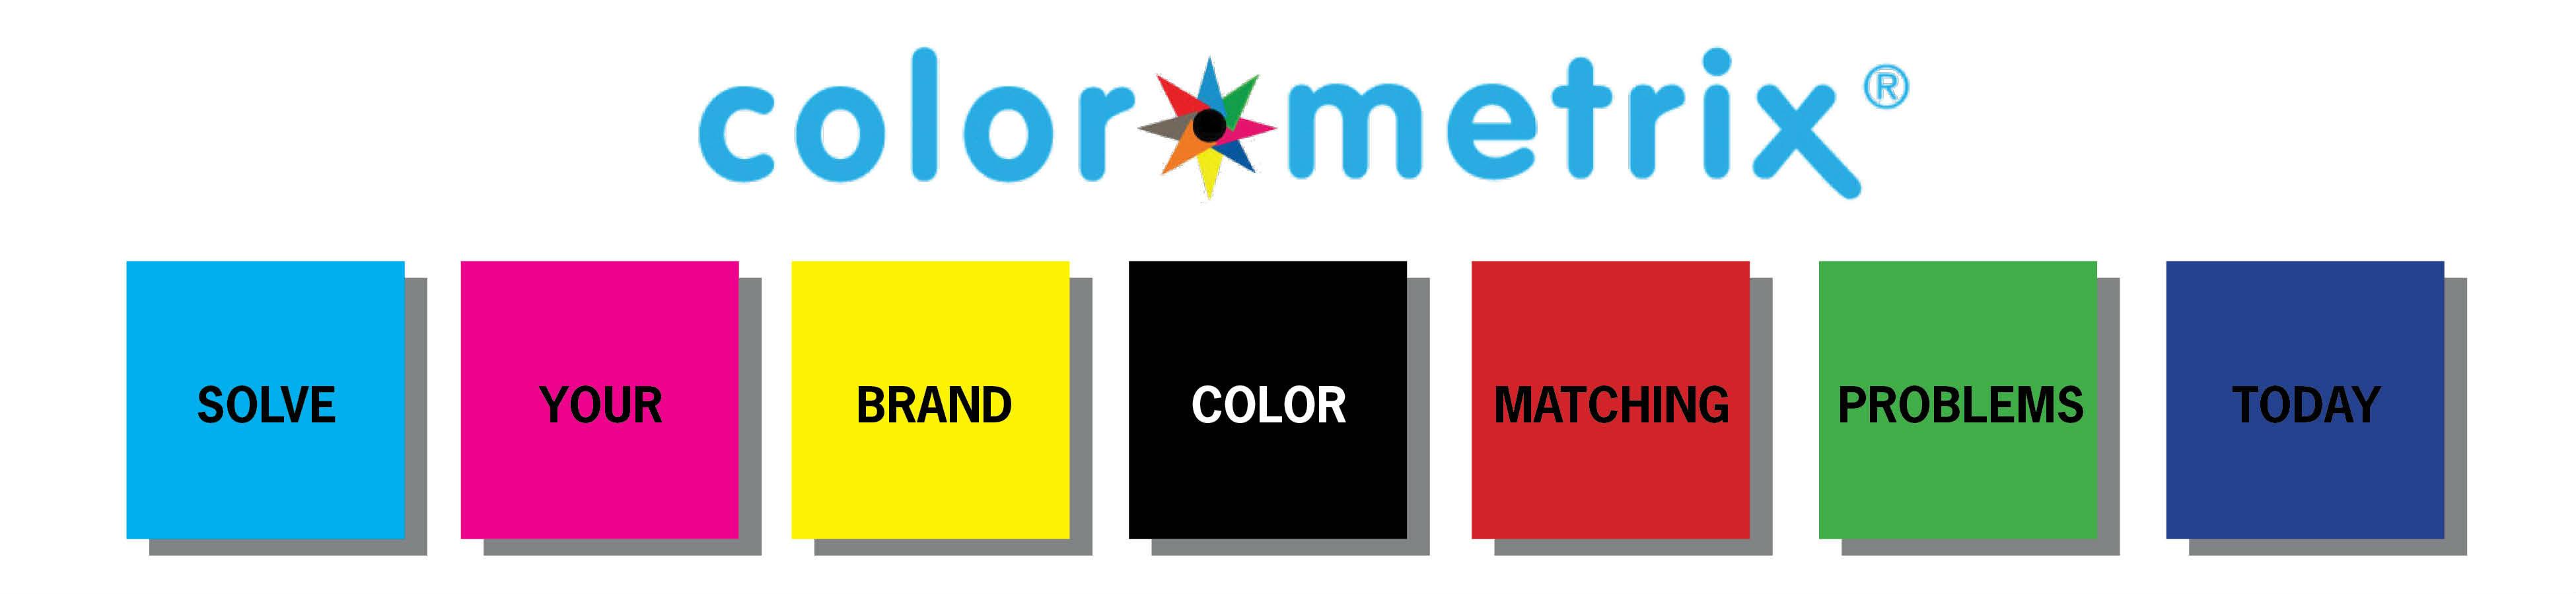 ColorMetrix